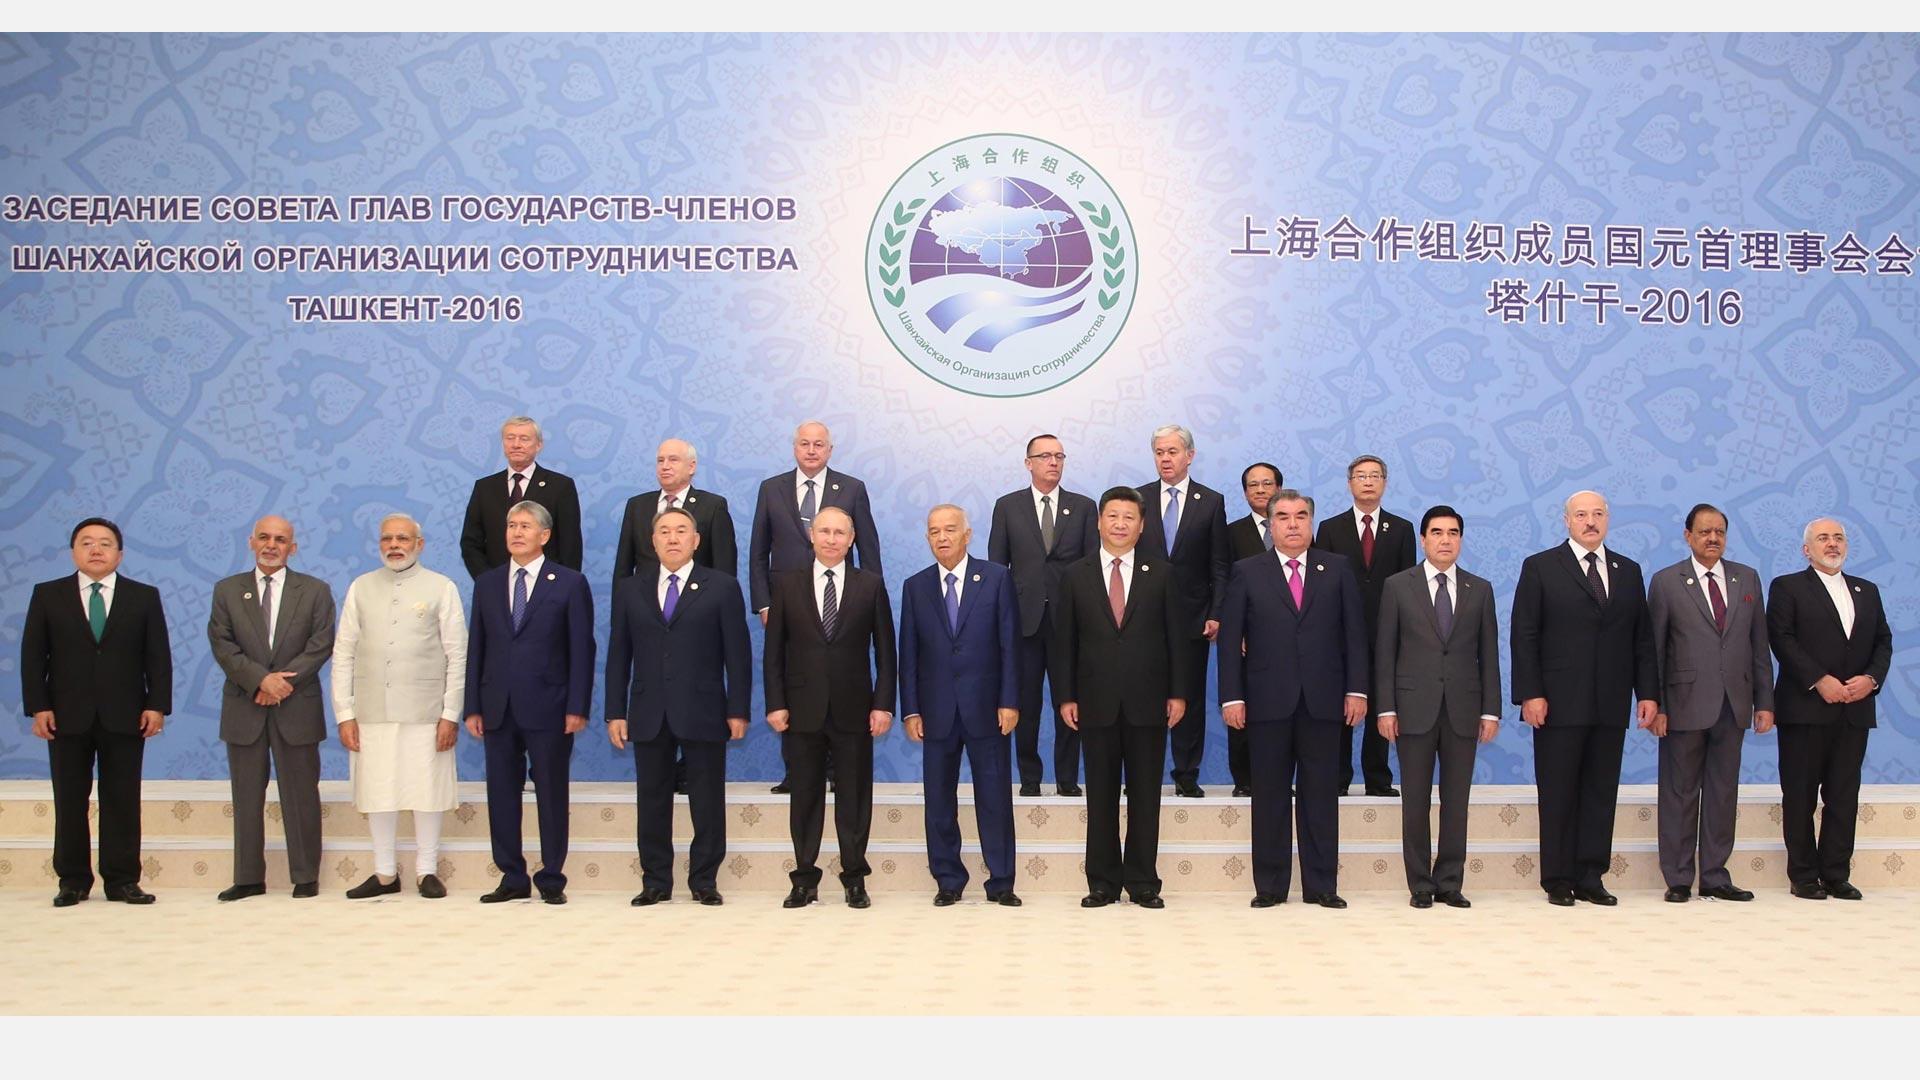 習近平出席上海合作組織成員國元首理事會第十六次會議並發表重要講話